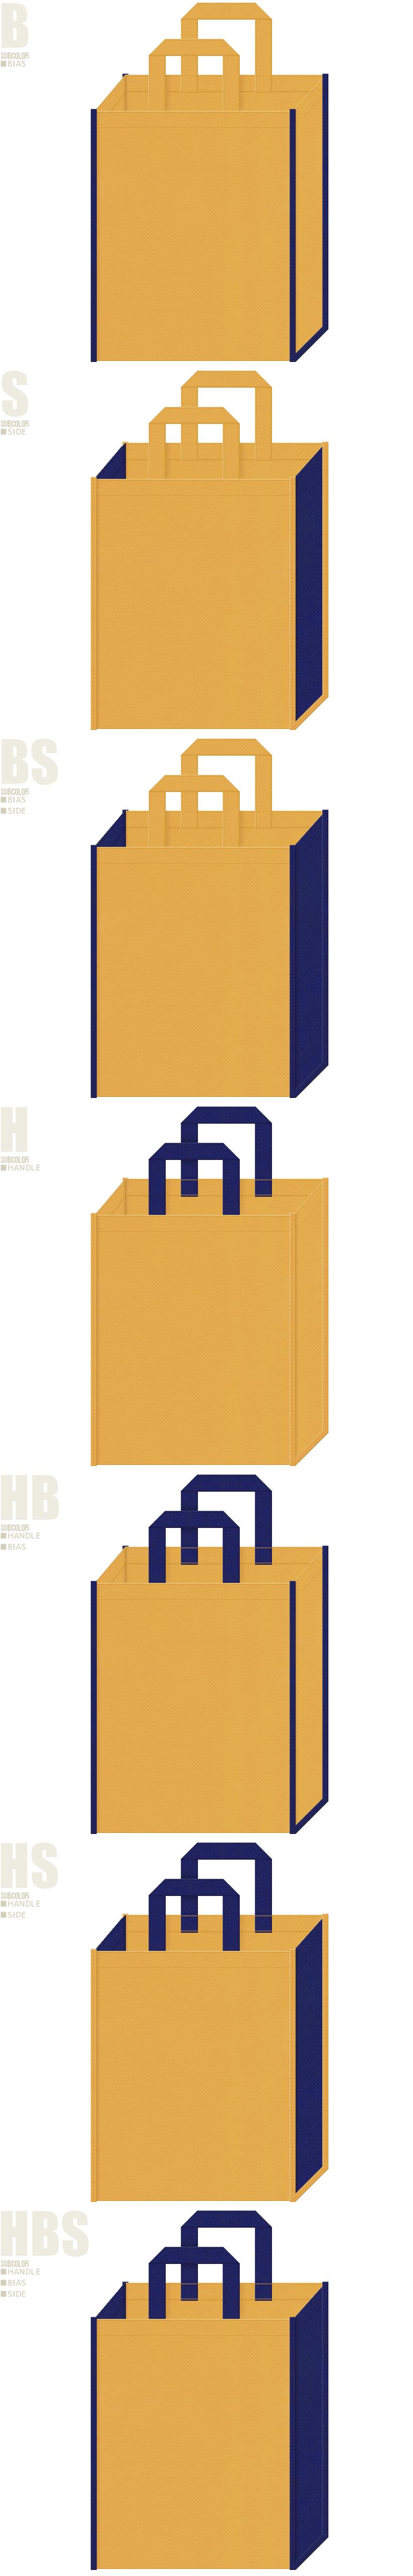 学校・オープンキャンパス・学習塾・レッスンバッグにお奨めの不織布バッグデザイン:黄土色と明るい紺色の配色7パターン